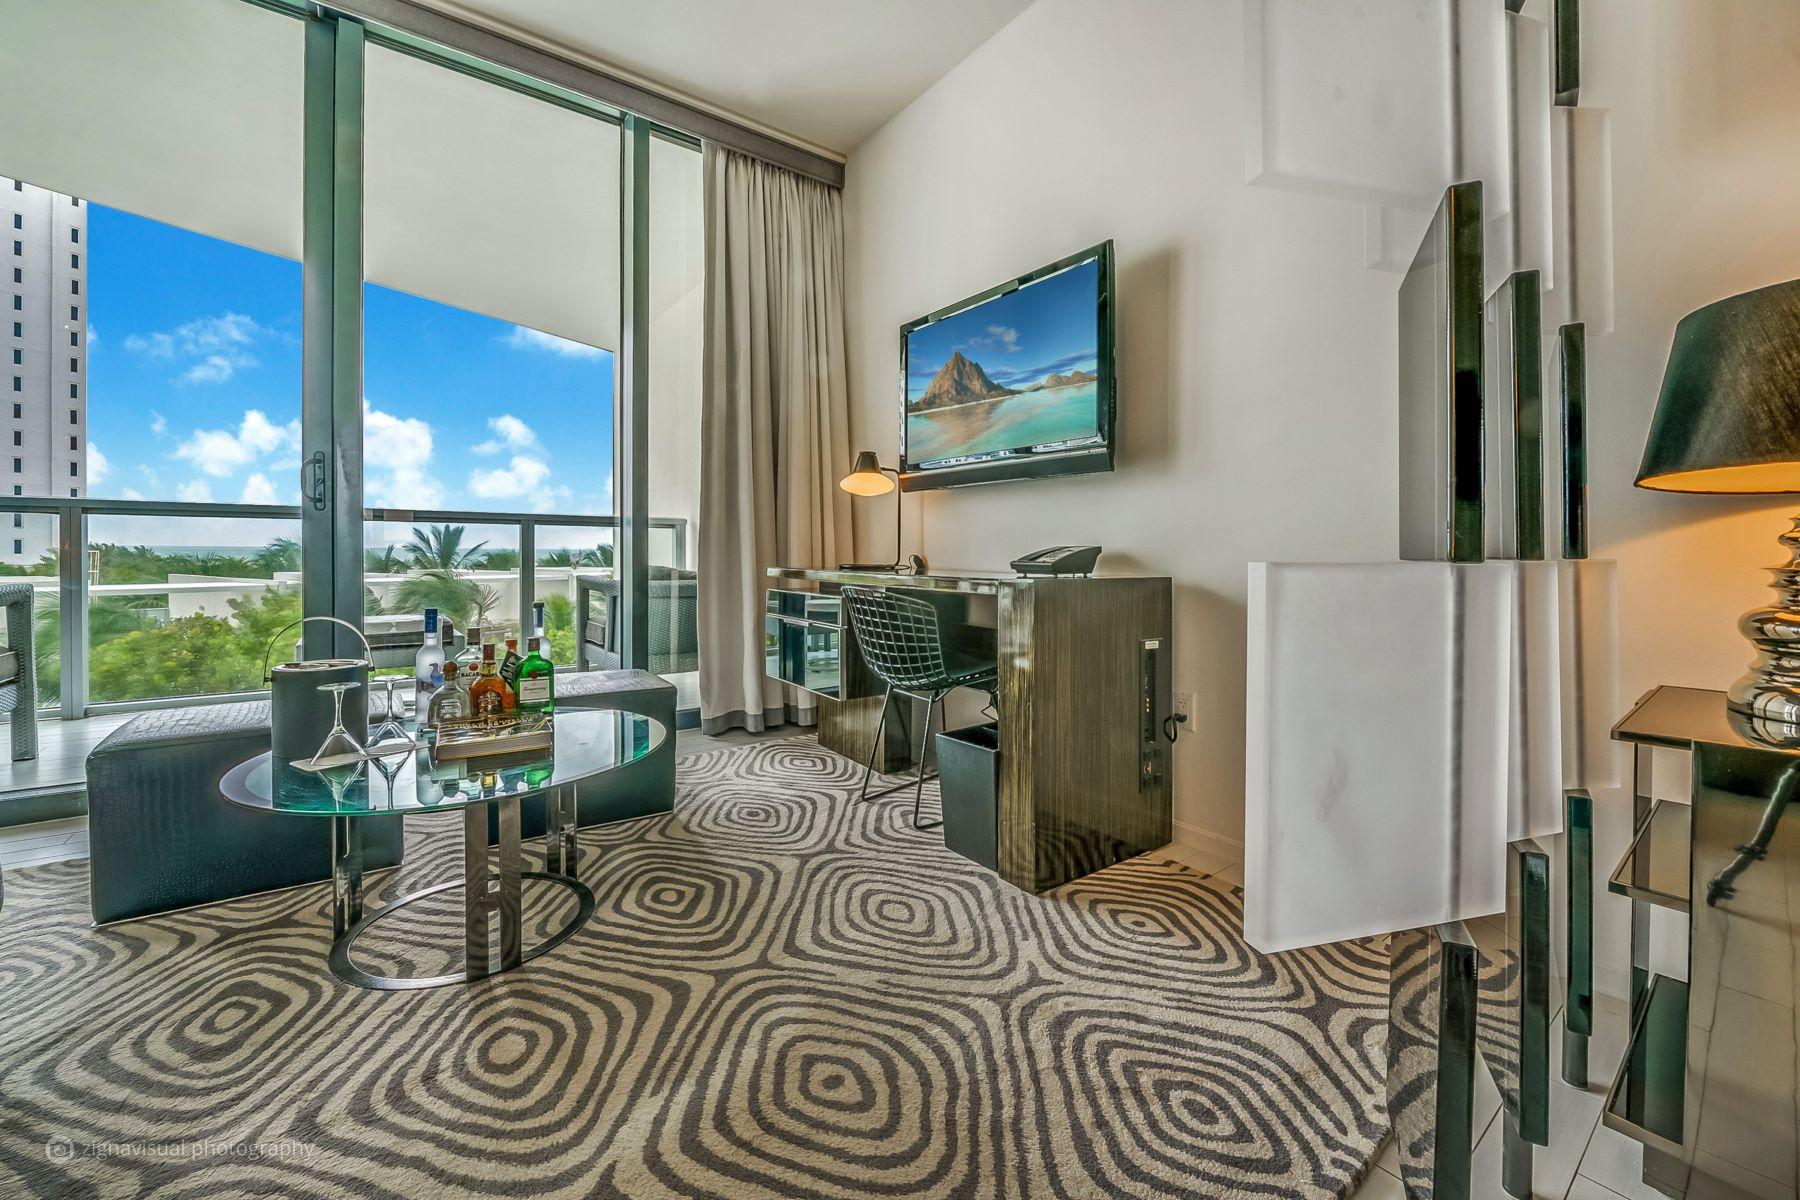 Condomínio para Venda às 2201 COLLINS AVE # 423 2201 Collins Ave 423 Miami Beach, Florida, 33139 Estados Unidos